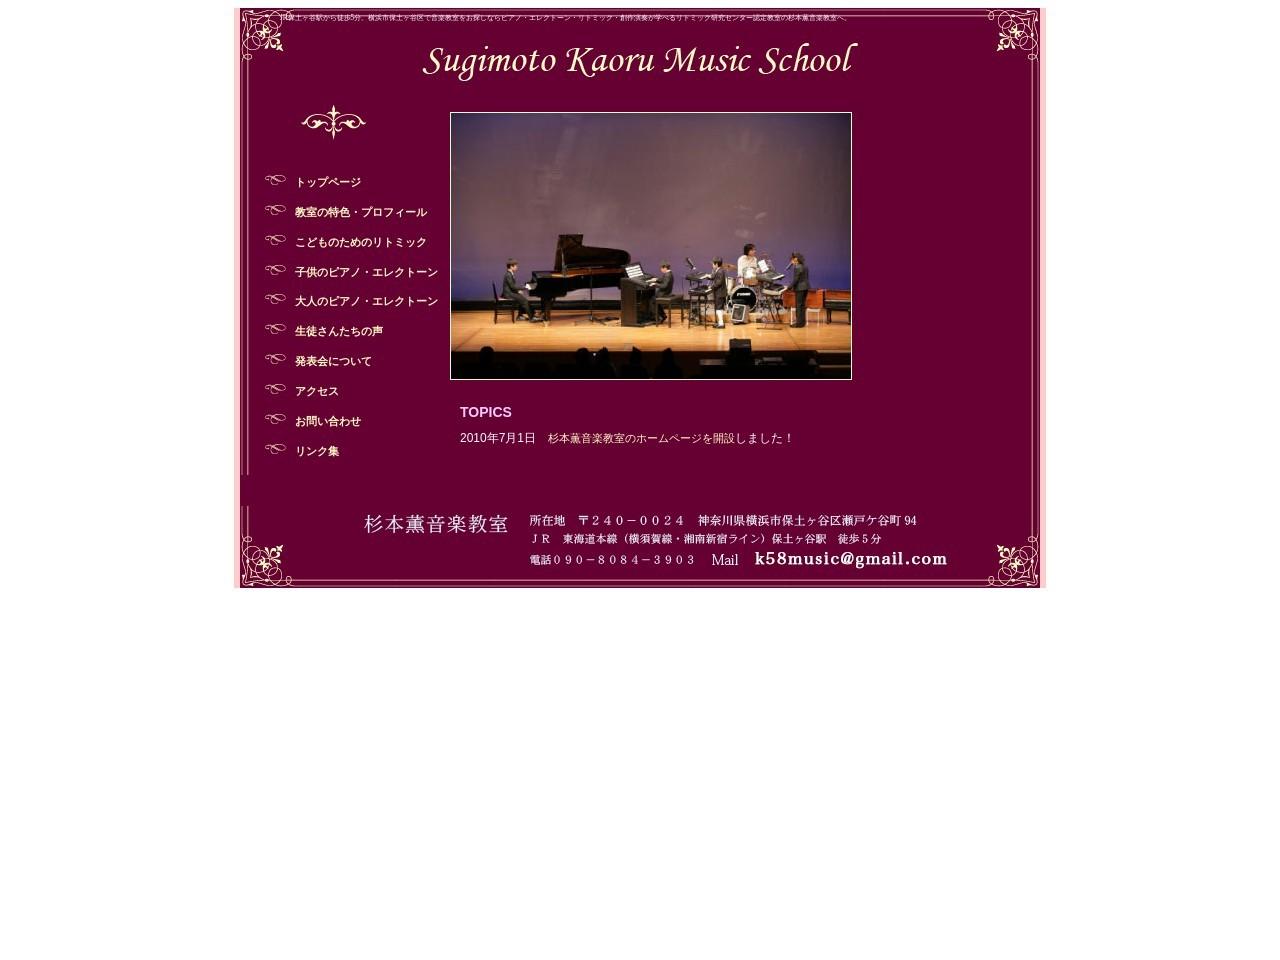 杉本薫音楽教室のサムネイル